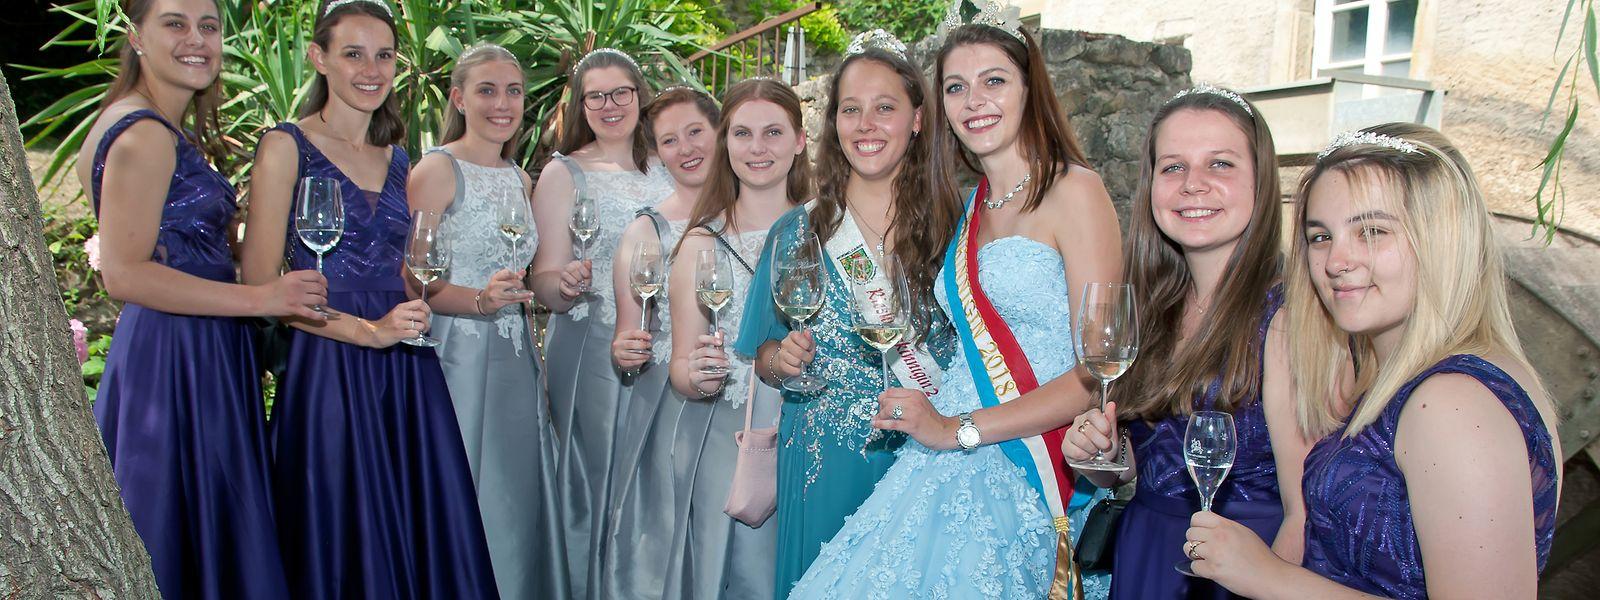 Die Weinkönigin Sophie Schons (3. v.r.), sowie die Riesling-Königin Catherine Mathes (7.v.l.) mit ihren Prinzessinnen.